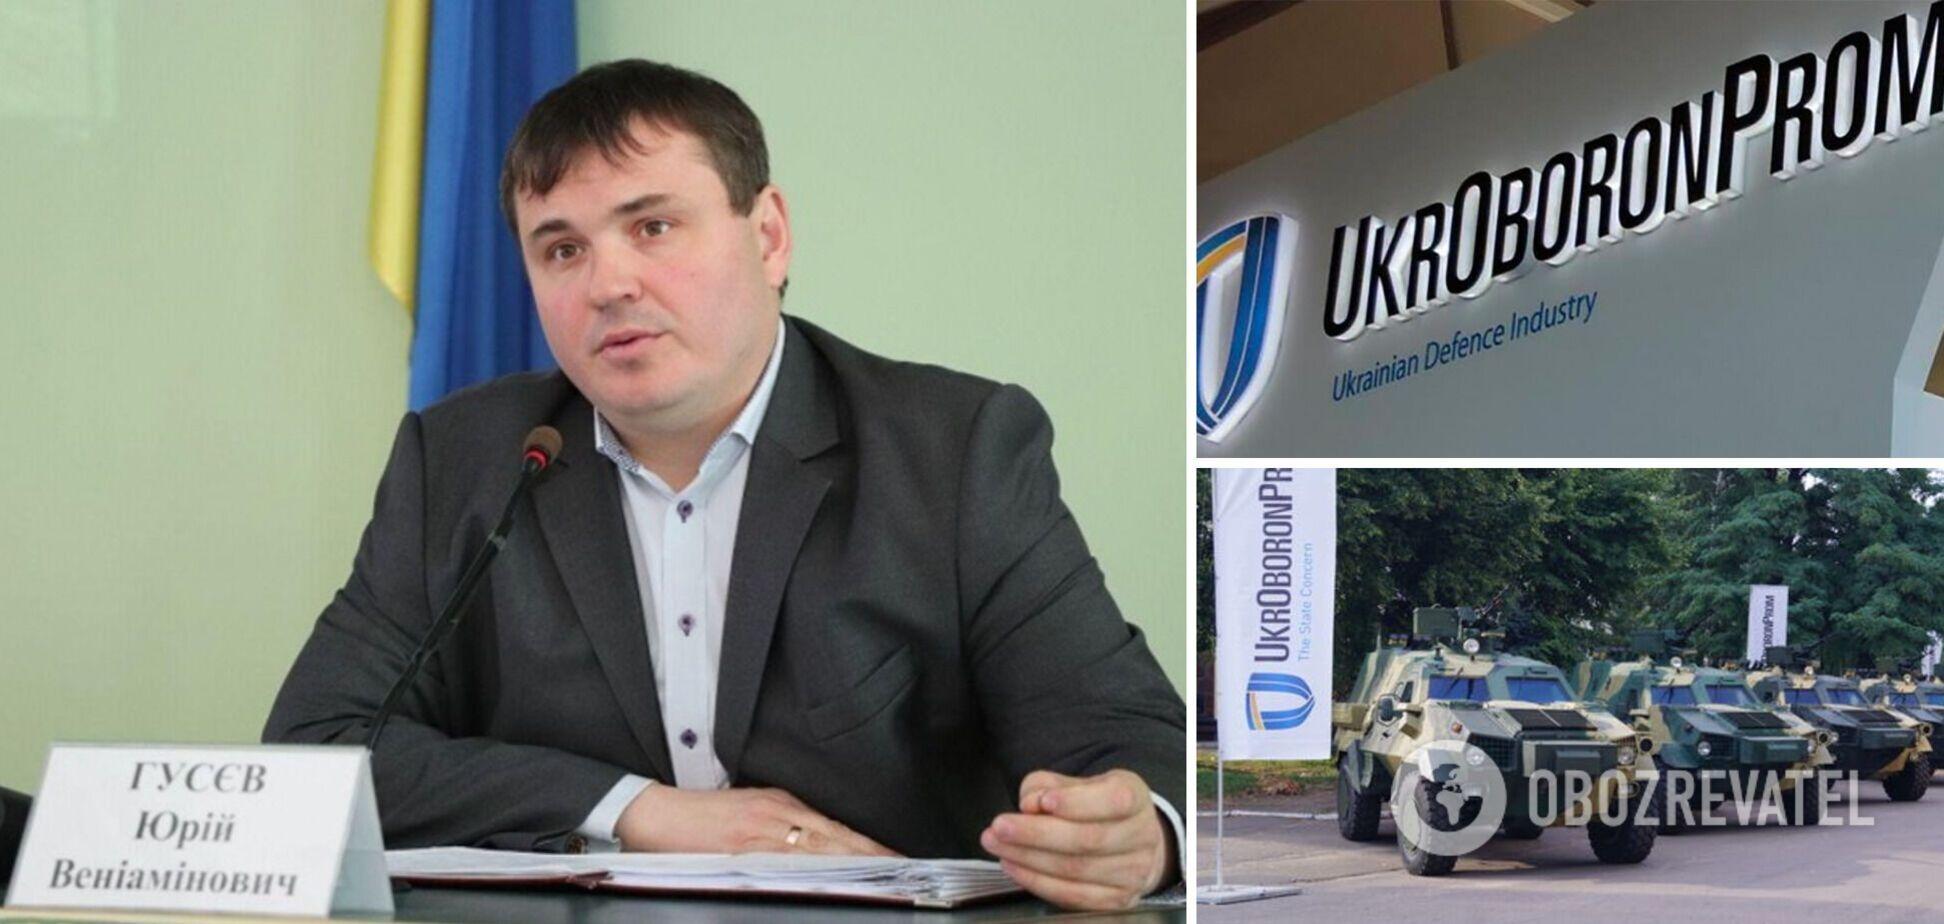 'Талант' в 703 тыс. грн в месяц: с таким руководителем 'Укроборонпрома' мы и Америку обгоним?